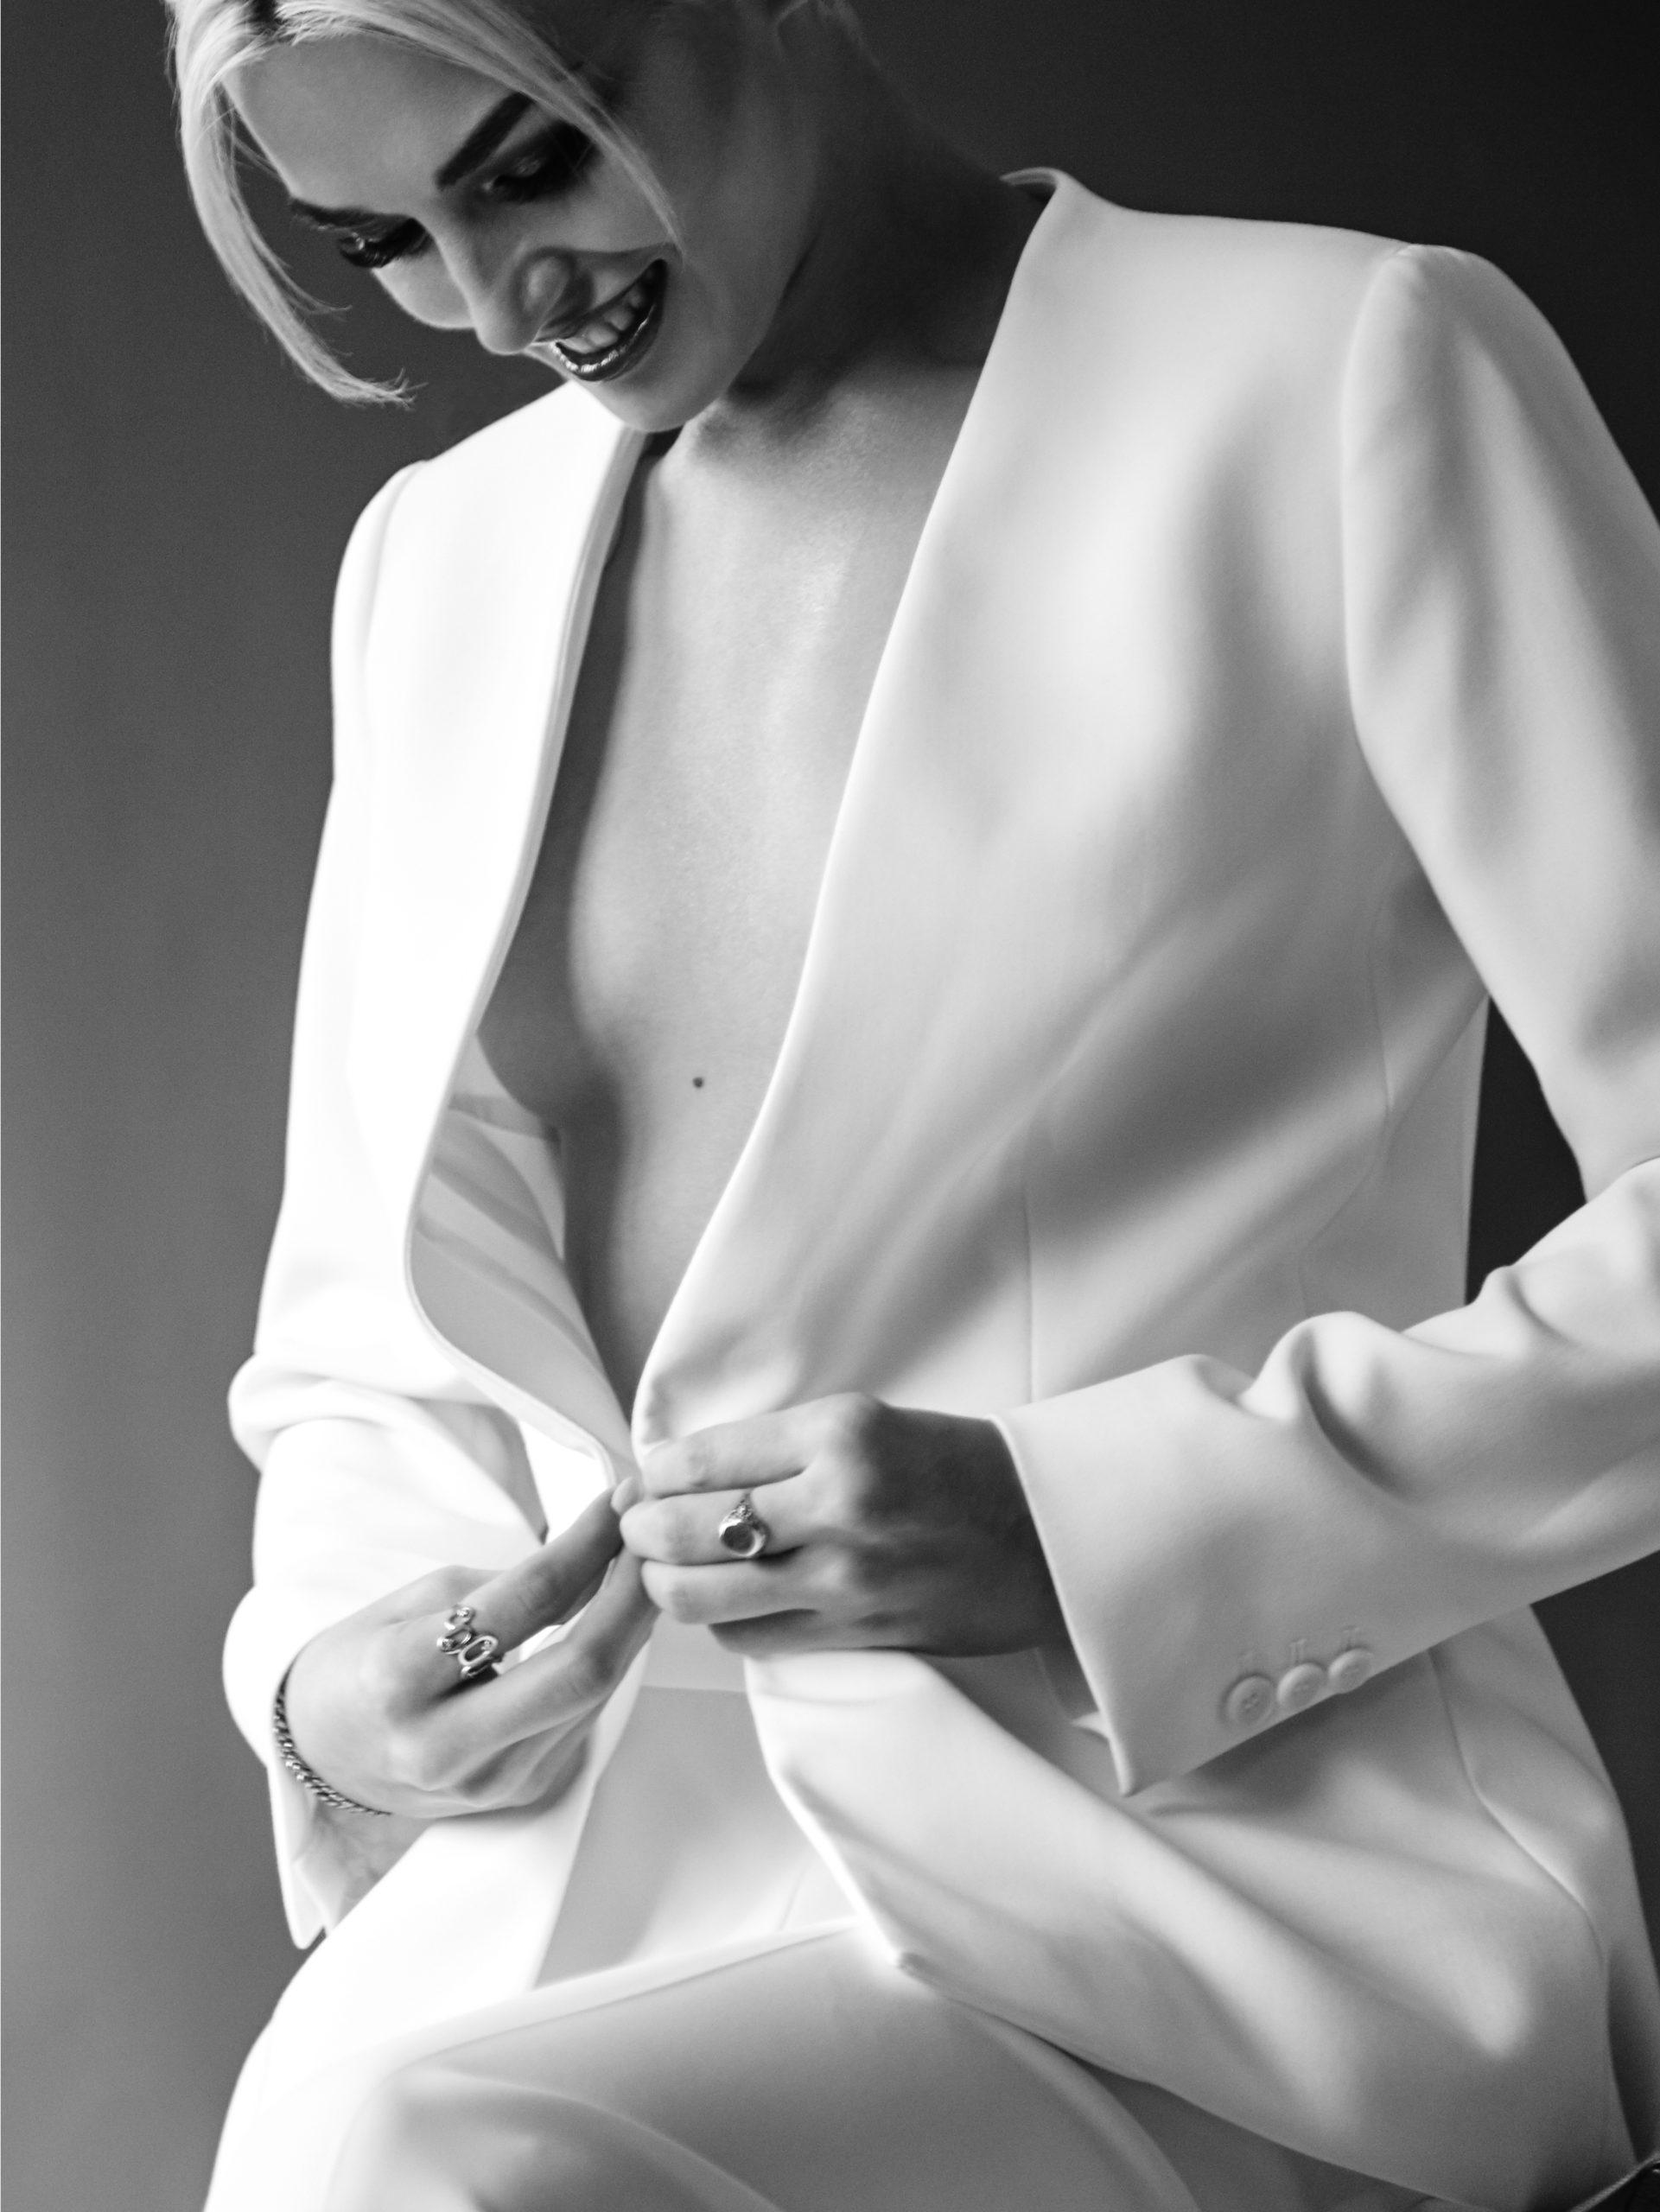 Emily Ratajkowski mariage en tailleur